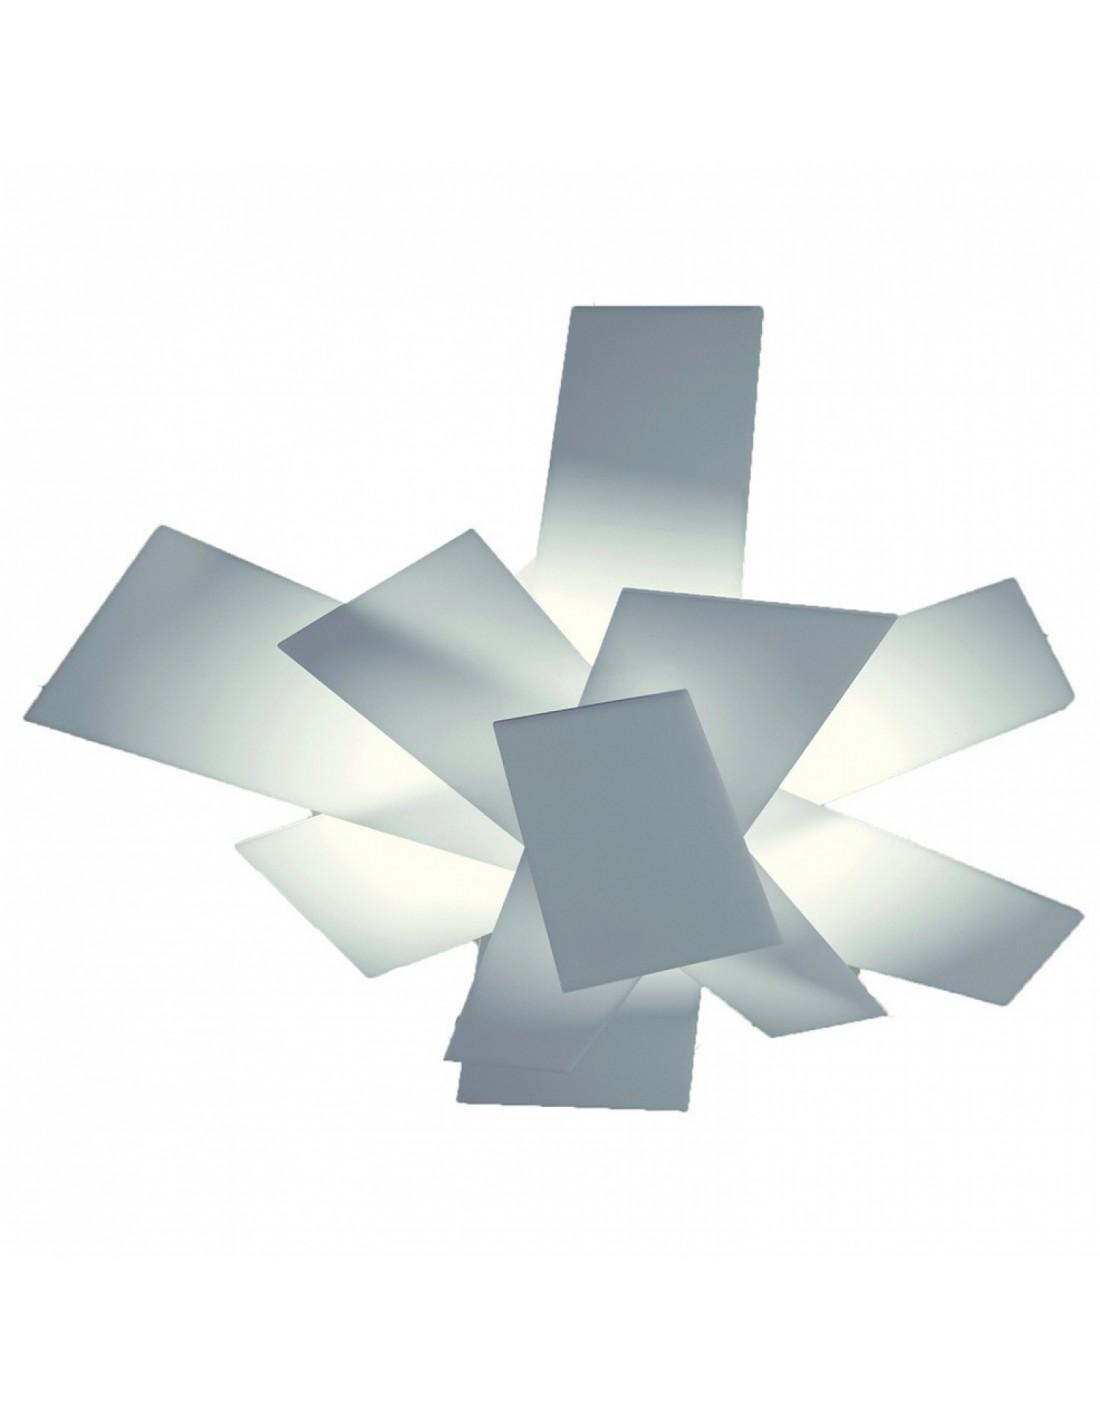 Valente Design nous propose le plafonnier Big bang blanc de la marque Foscarini